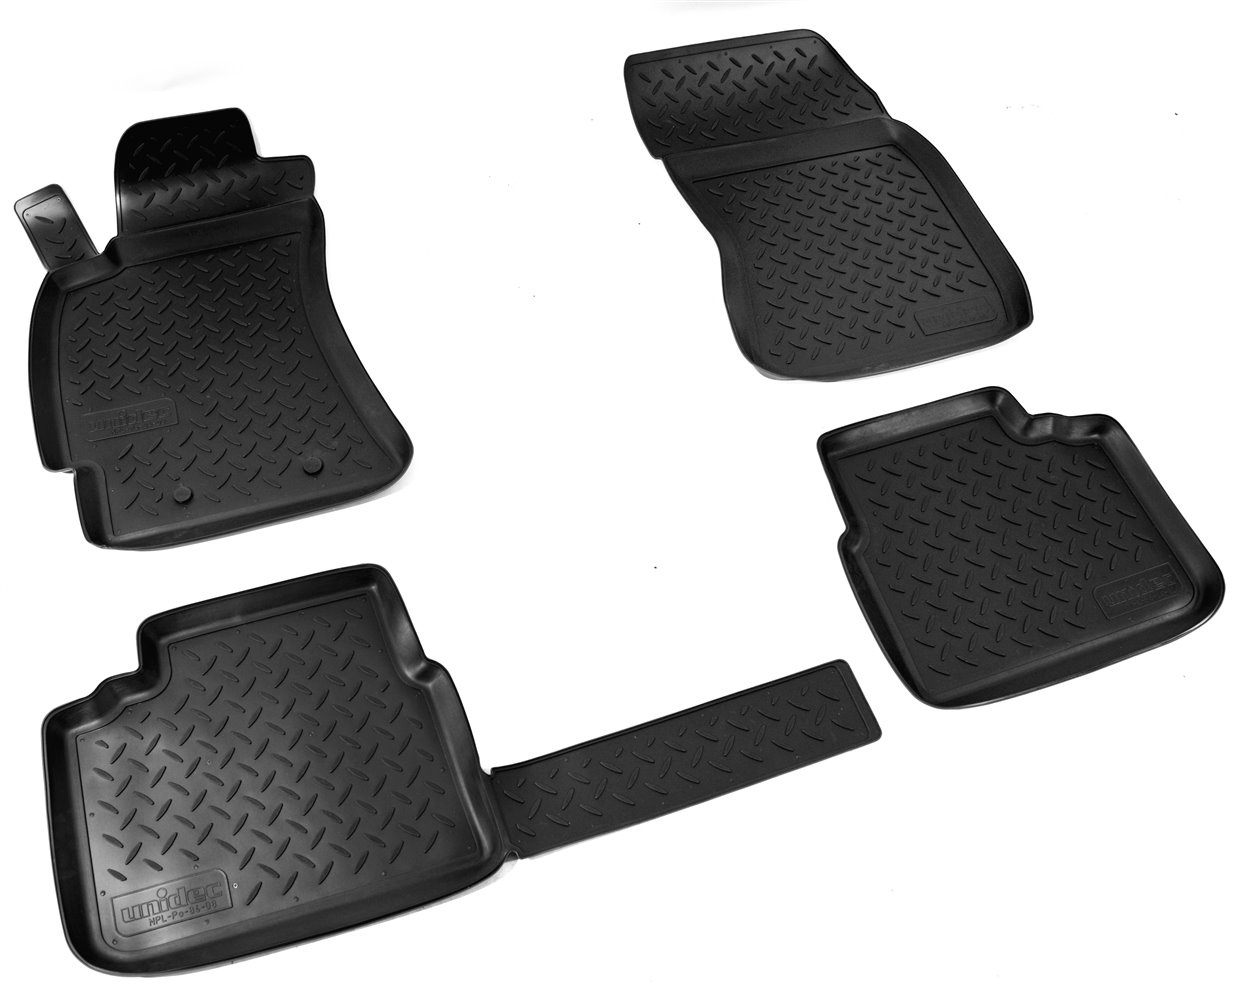 Коврики в салон автомобиля Norplast для Subaru Forester 2008-2013, NPL-Po-84-08, черный барбекю сферический forester 5300 3s